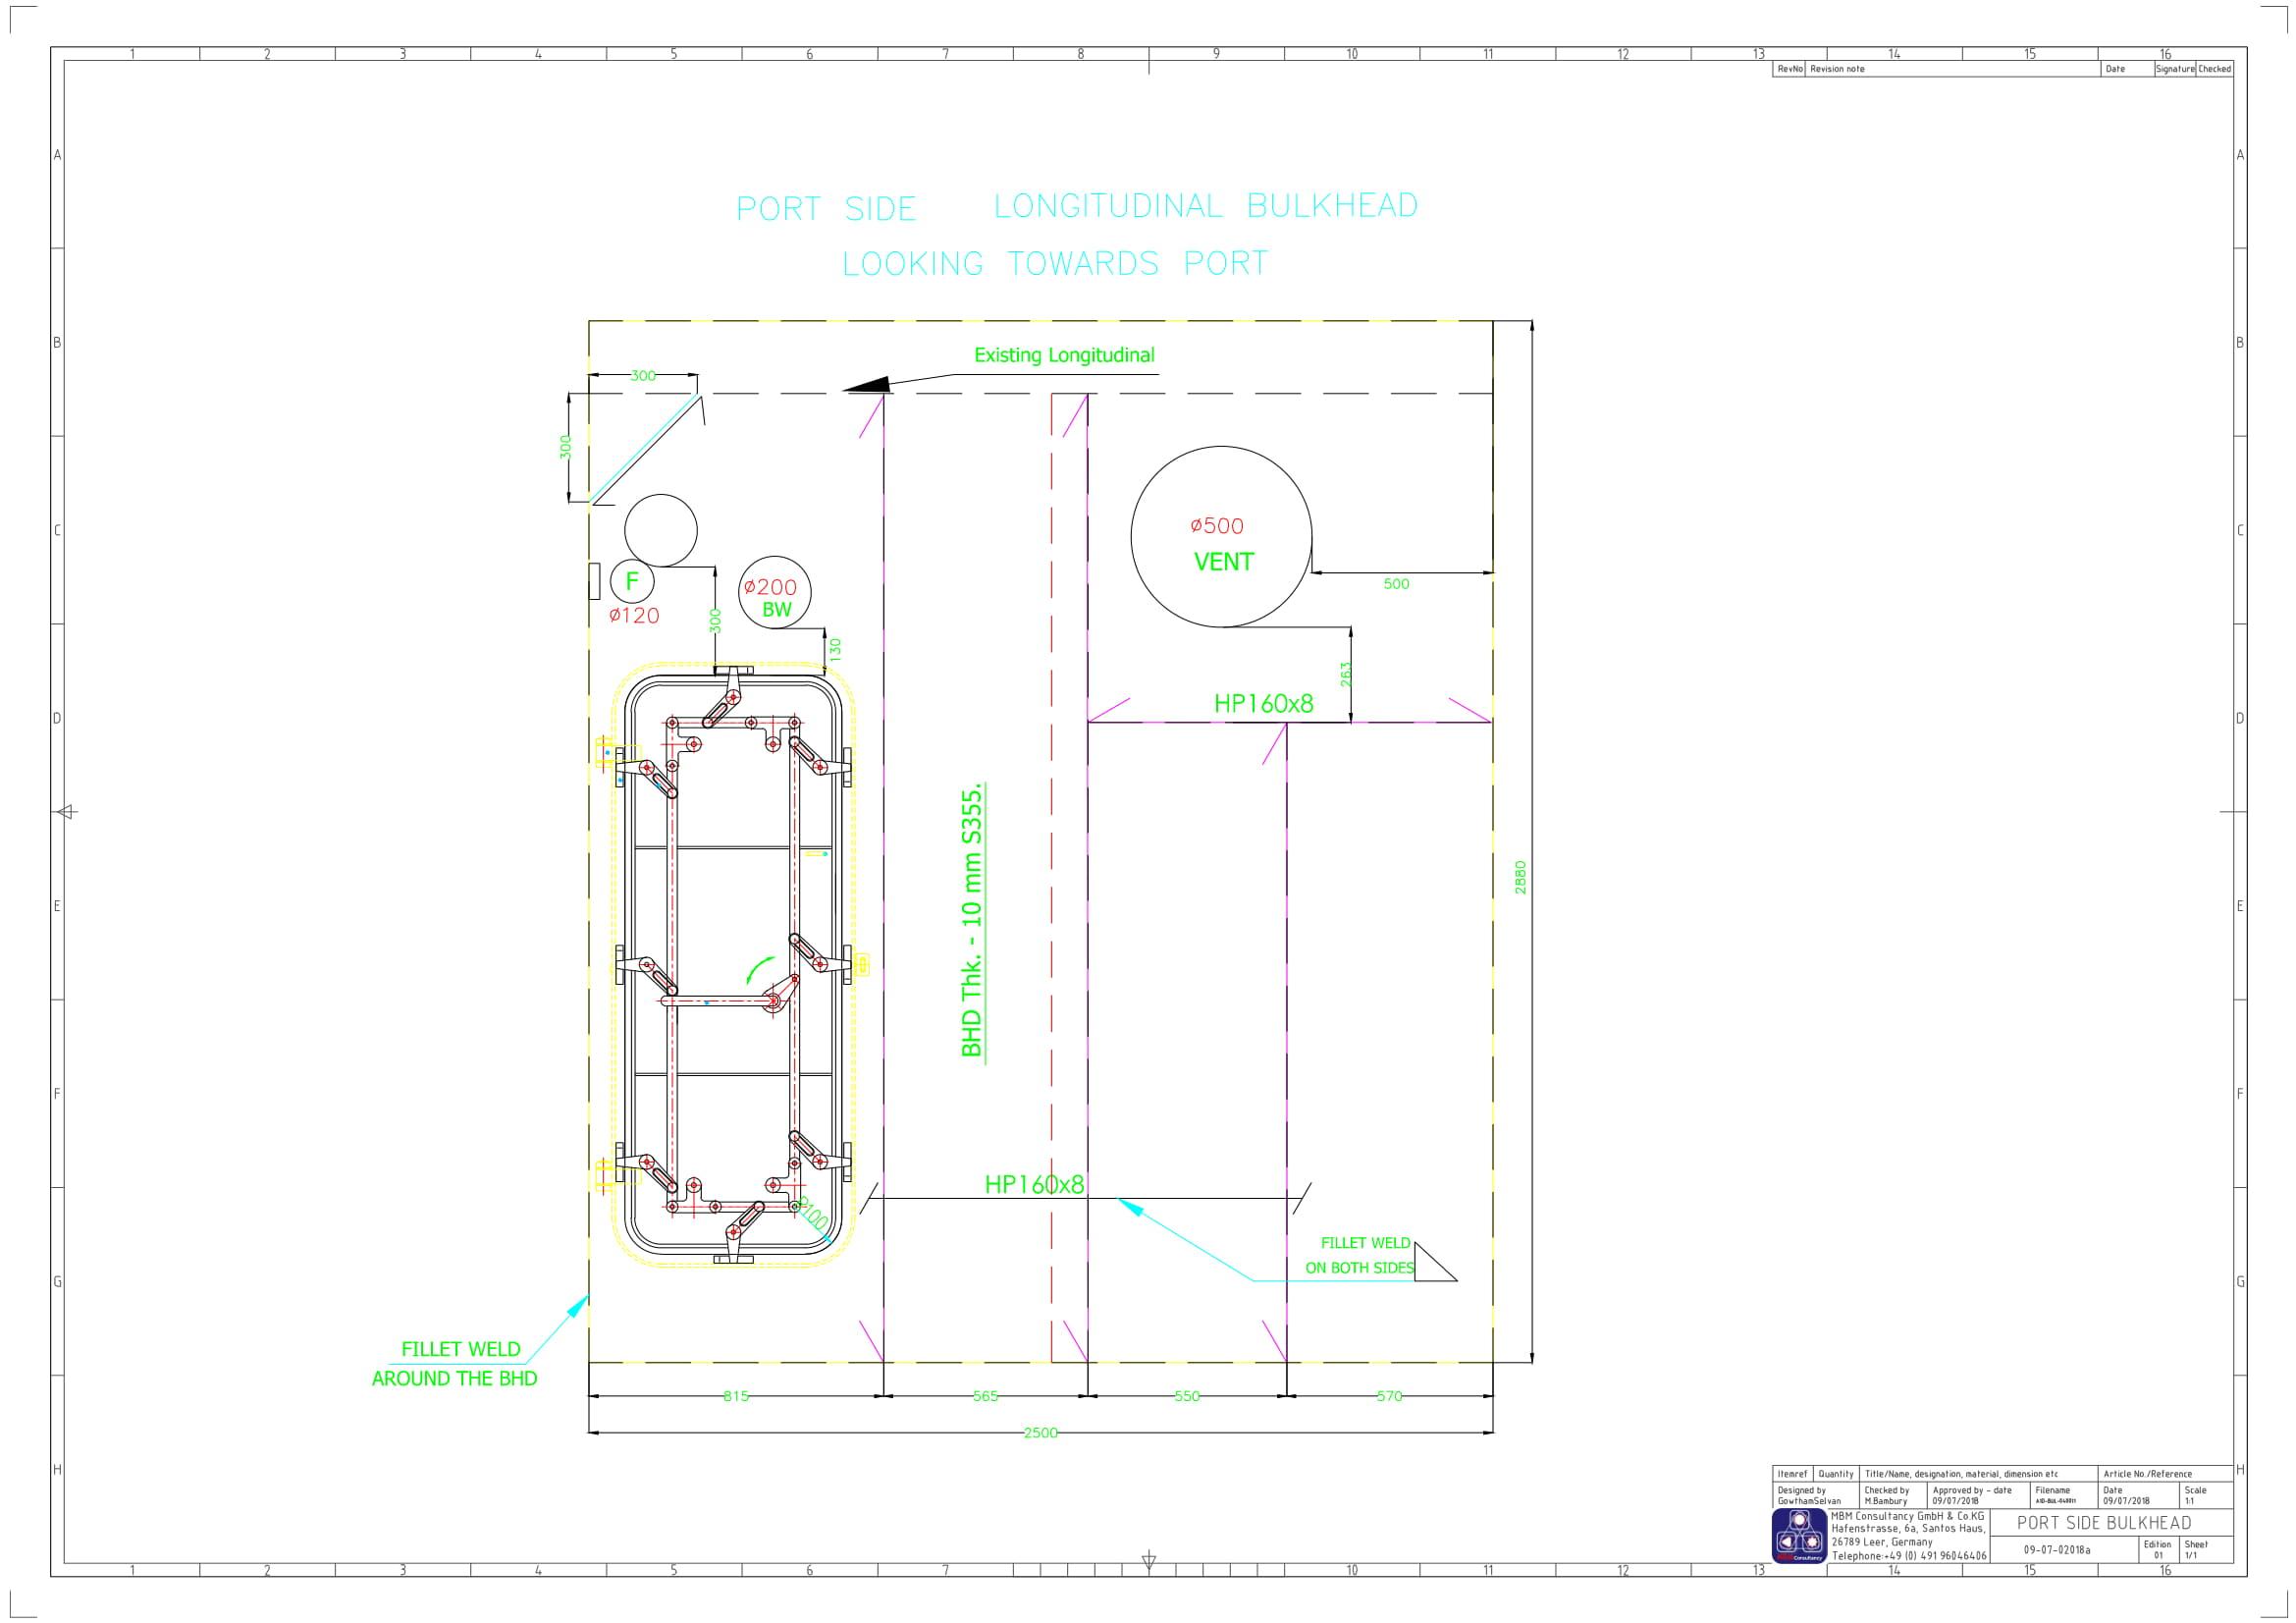 Bulkhead drawing-Model 1